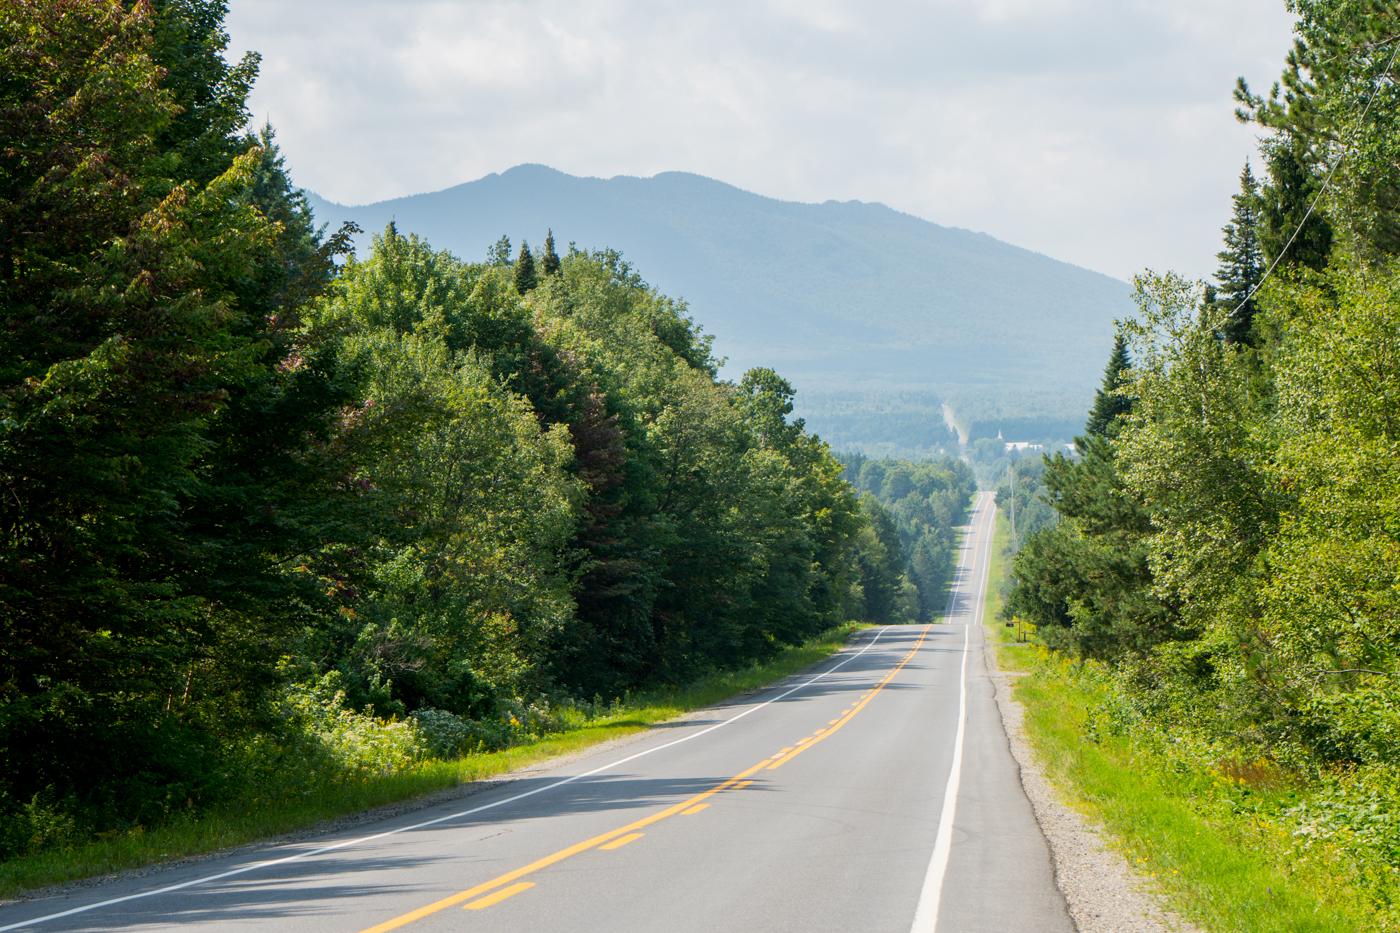 La grande route et les grands espaces du Québec sur la route des sommets des Cantons-de-l'Est